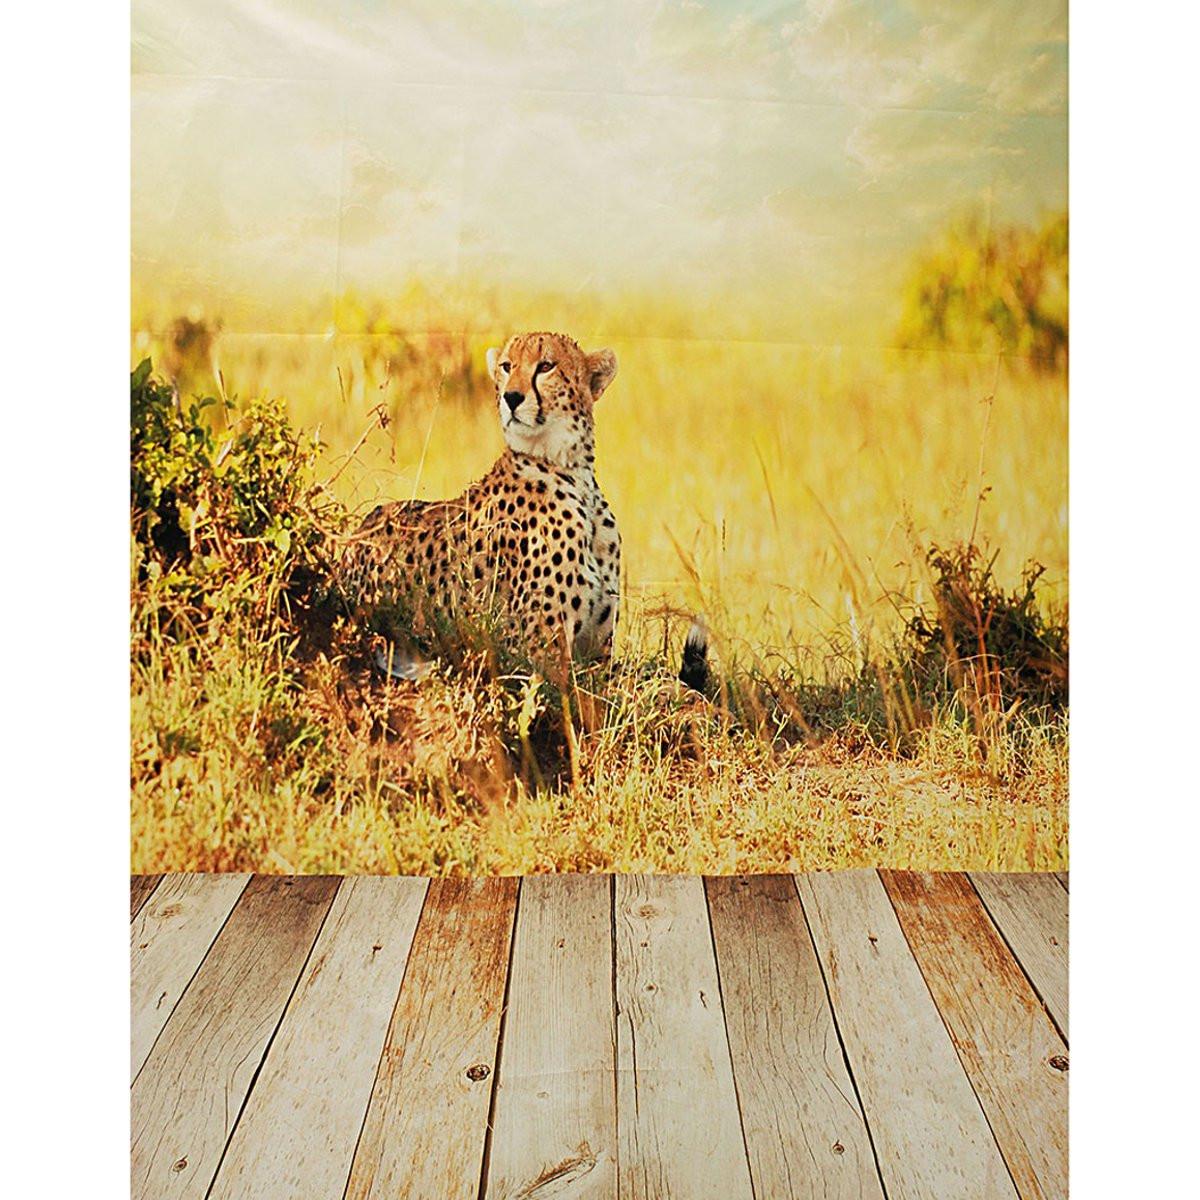 Szövet háttér stúdió fotózáshoz.Gepárdot ábrázoló fotó háttér 2.1m x 1.5m 1162162